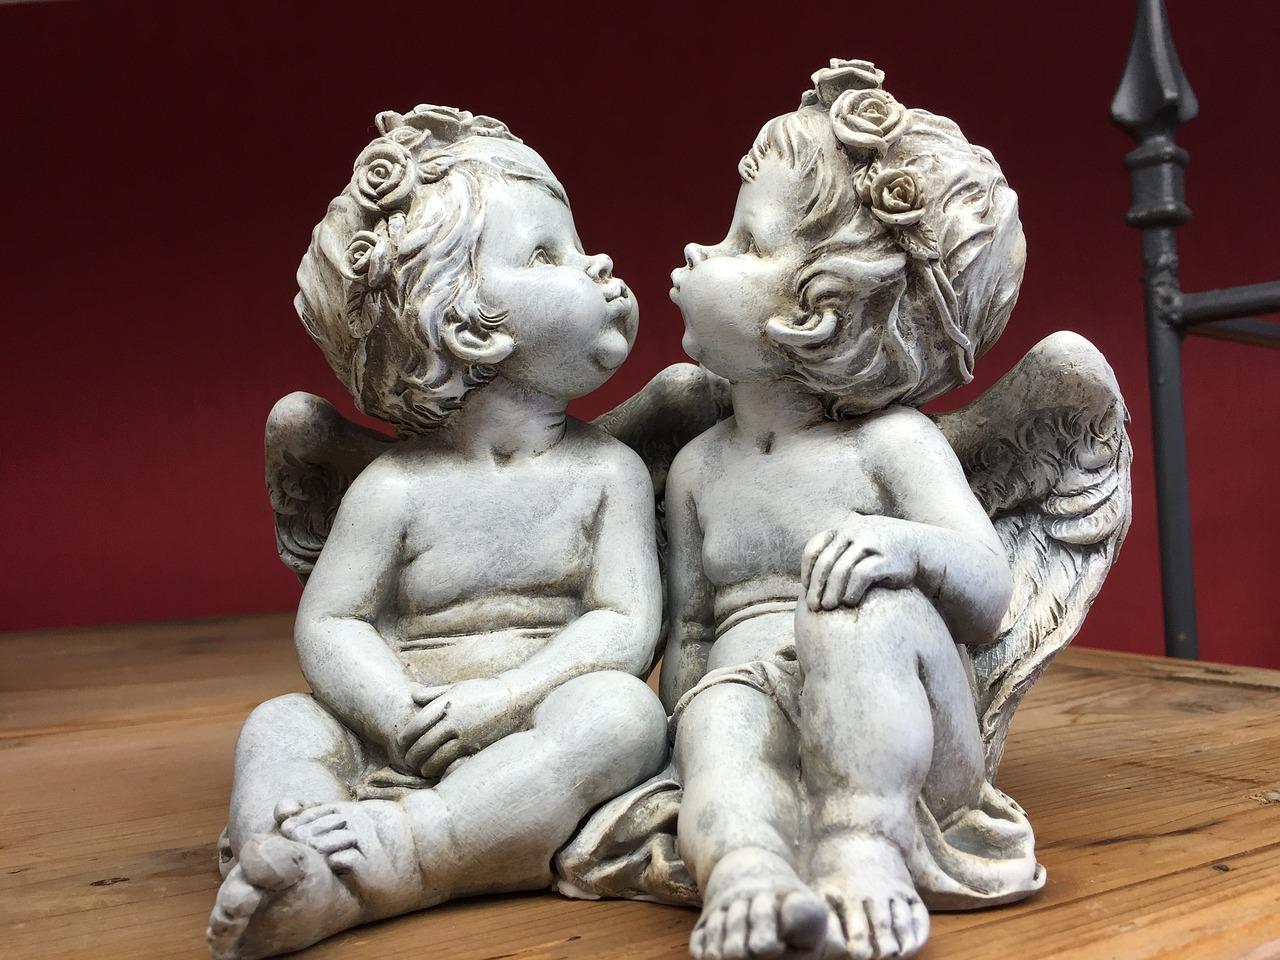 angels-1780532_1280